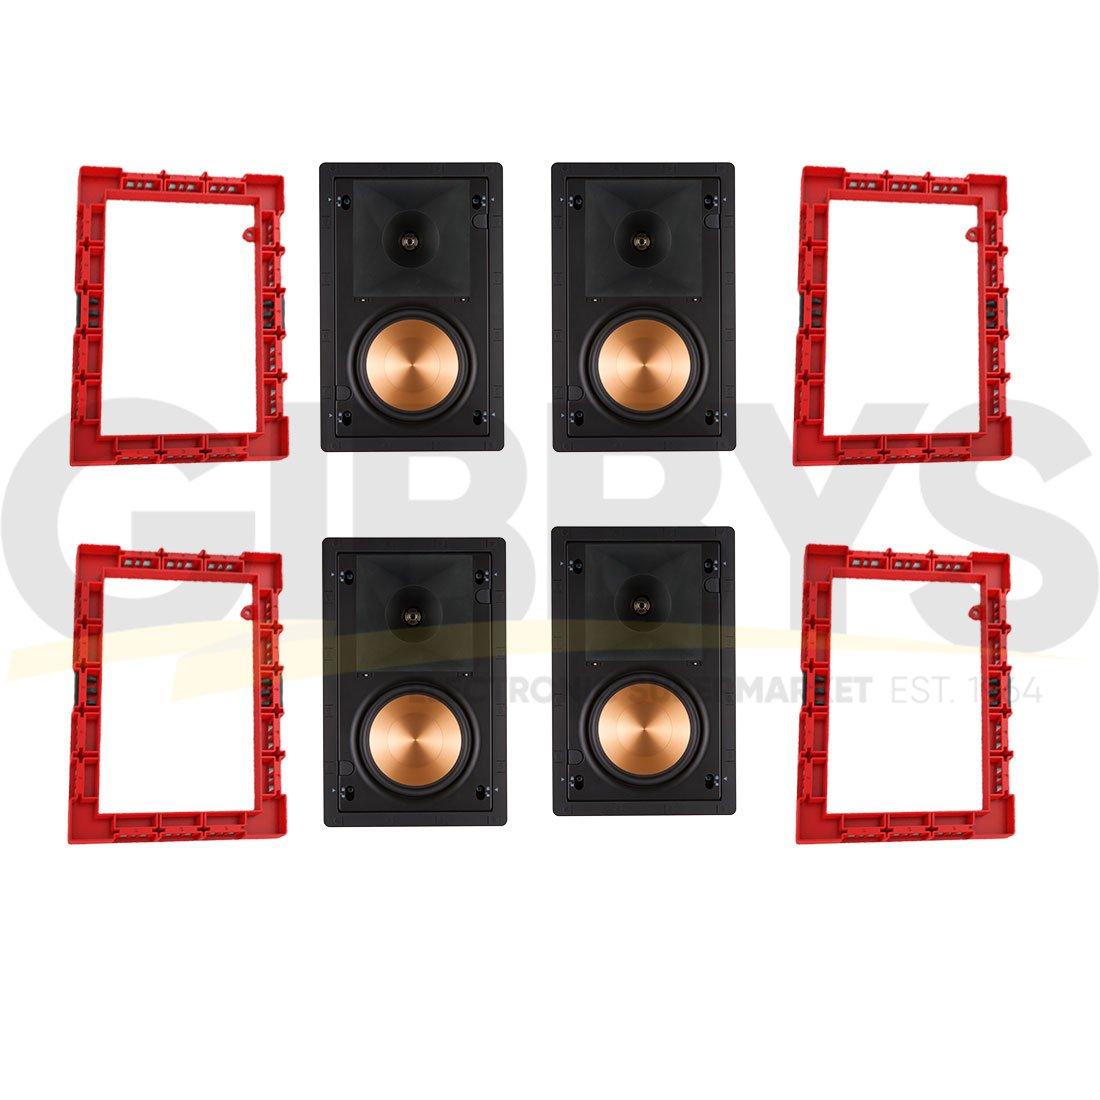 Klipsch PRO-16RW In-Wall Speaker (4) | Klipsch IK-650-W II Installation Kit  (4) Bundle